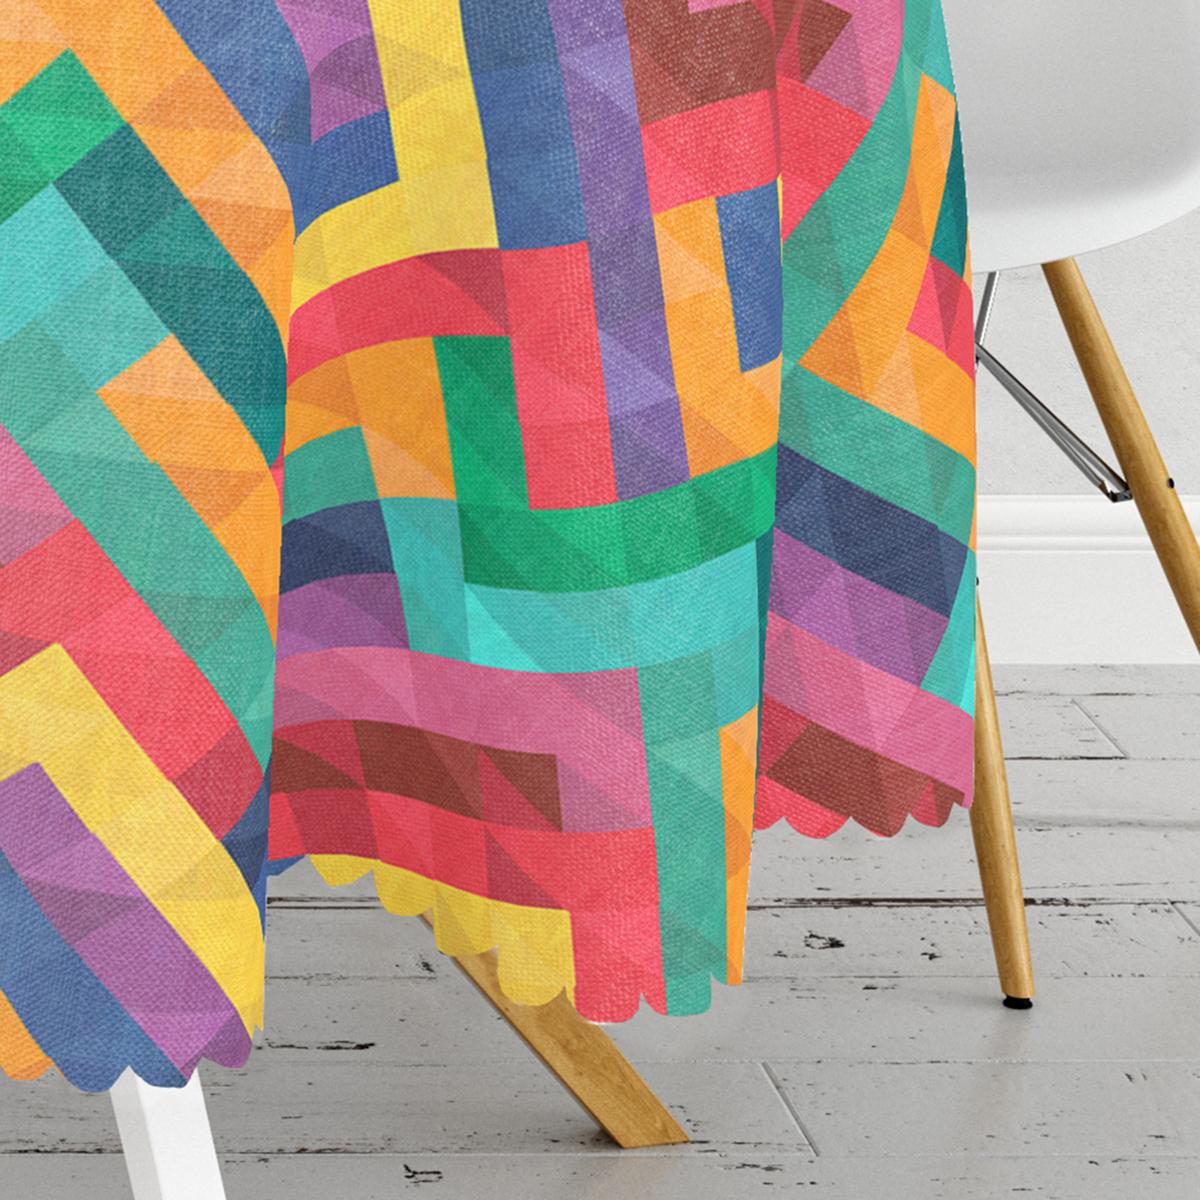 Renkli Geometrik Desen Dijital Baskılı Yuvarlak Masa Örtüsü - Çap 140cm Realhomes